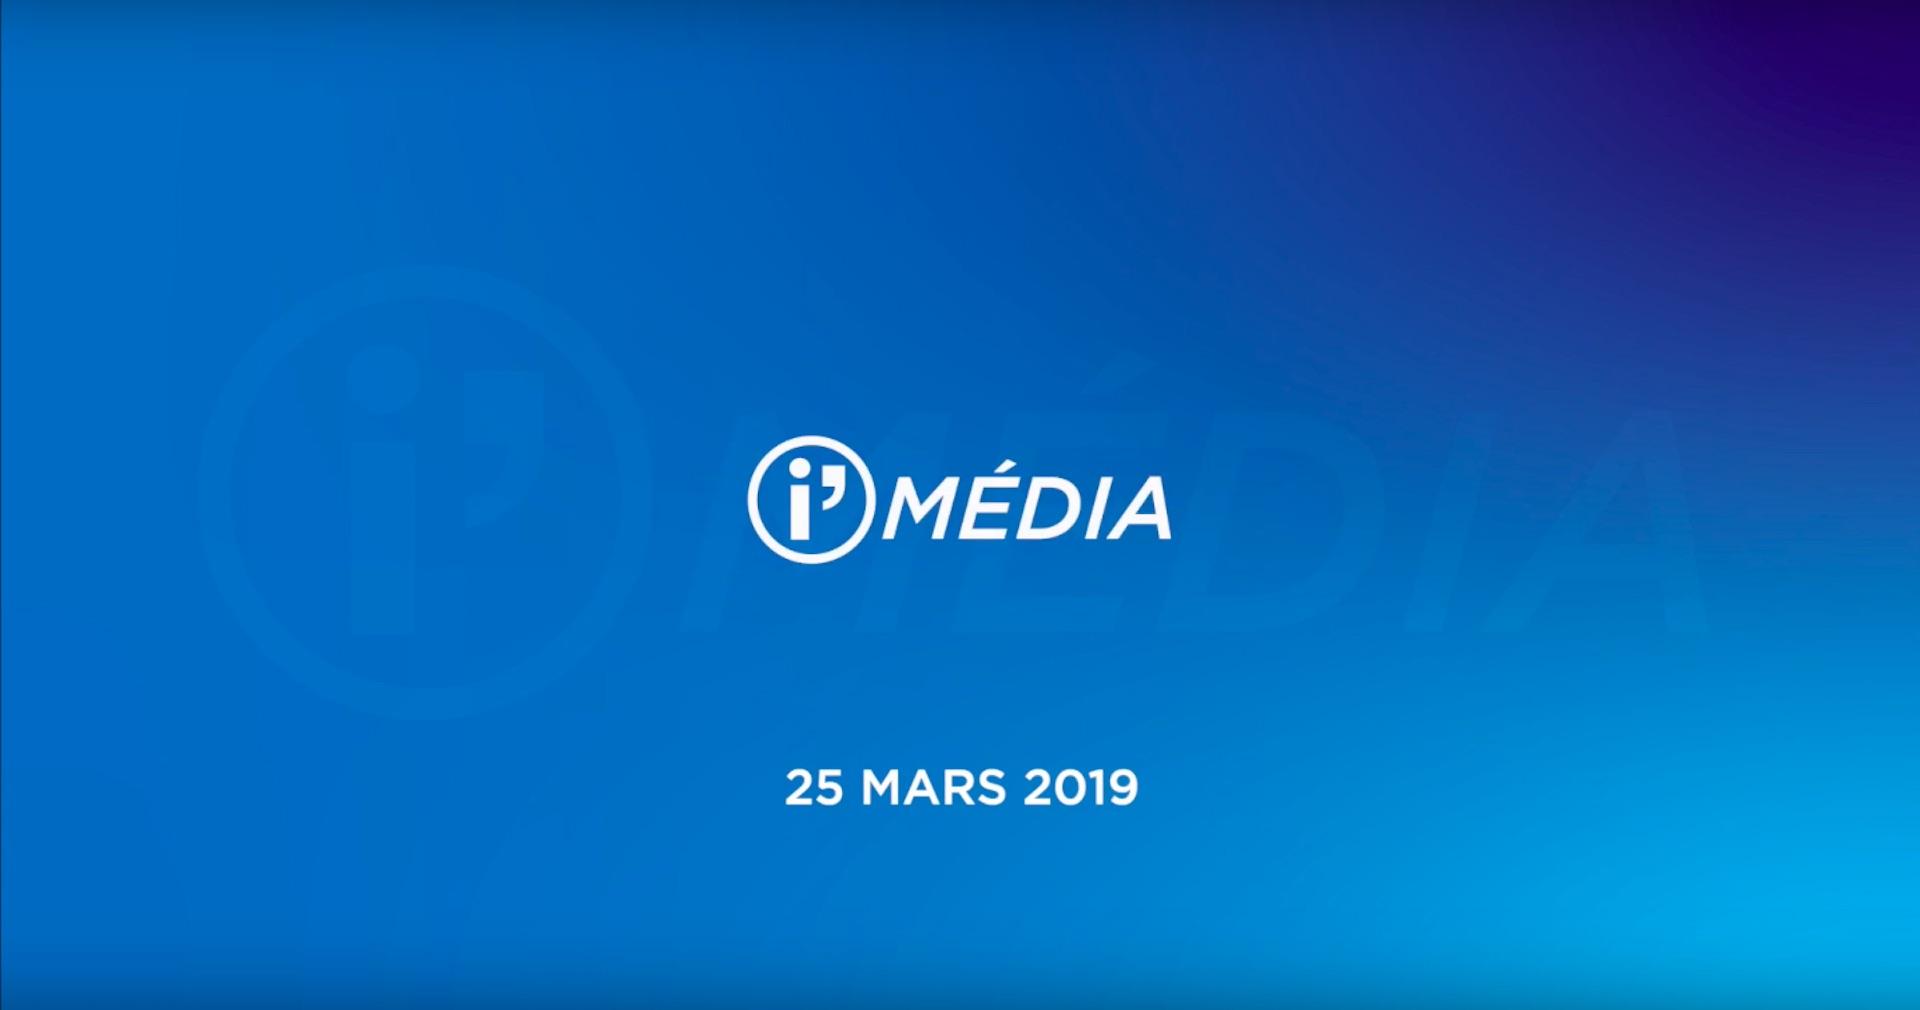 I'Média 25 mars 2019